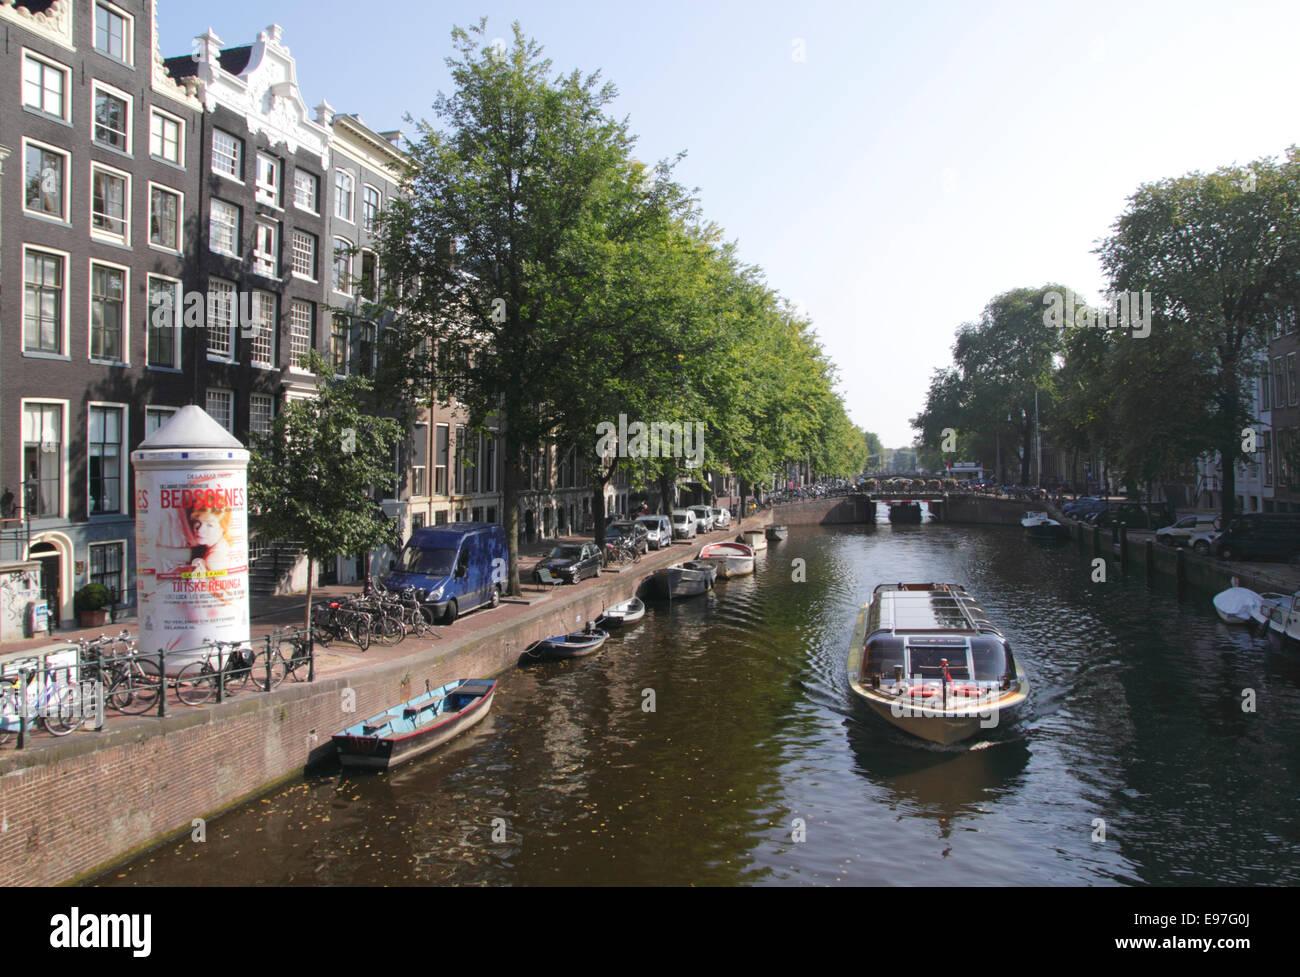 Reguliersgracht canal stock photos reguliersgracht canal for Herengracht amsterdam